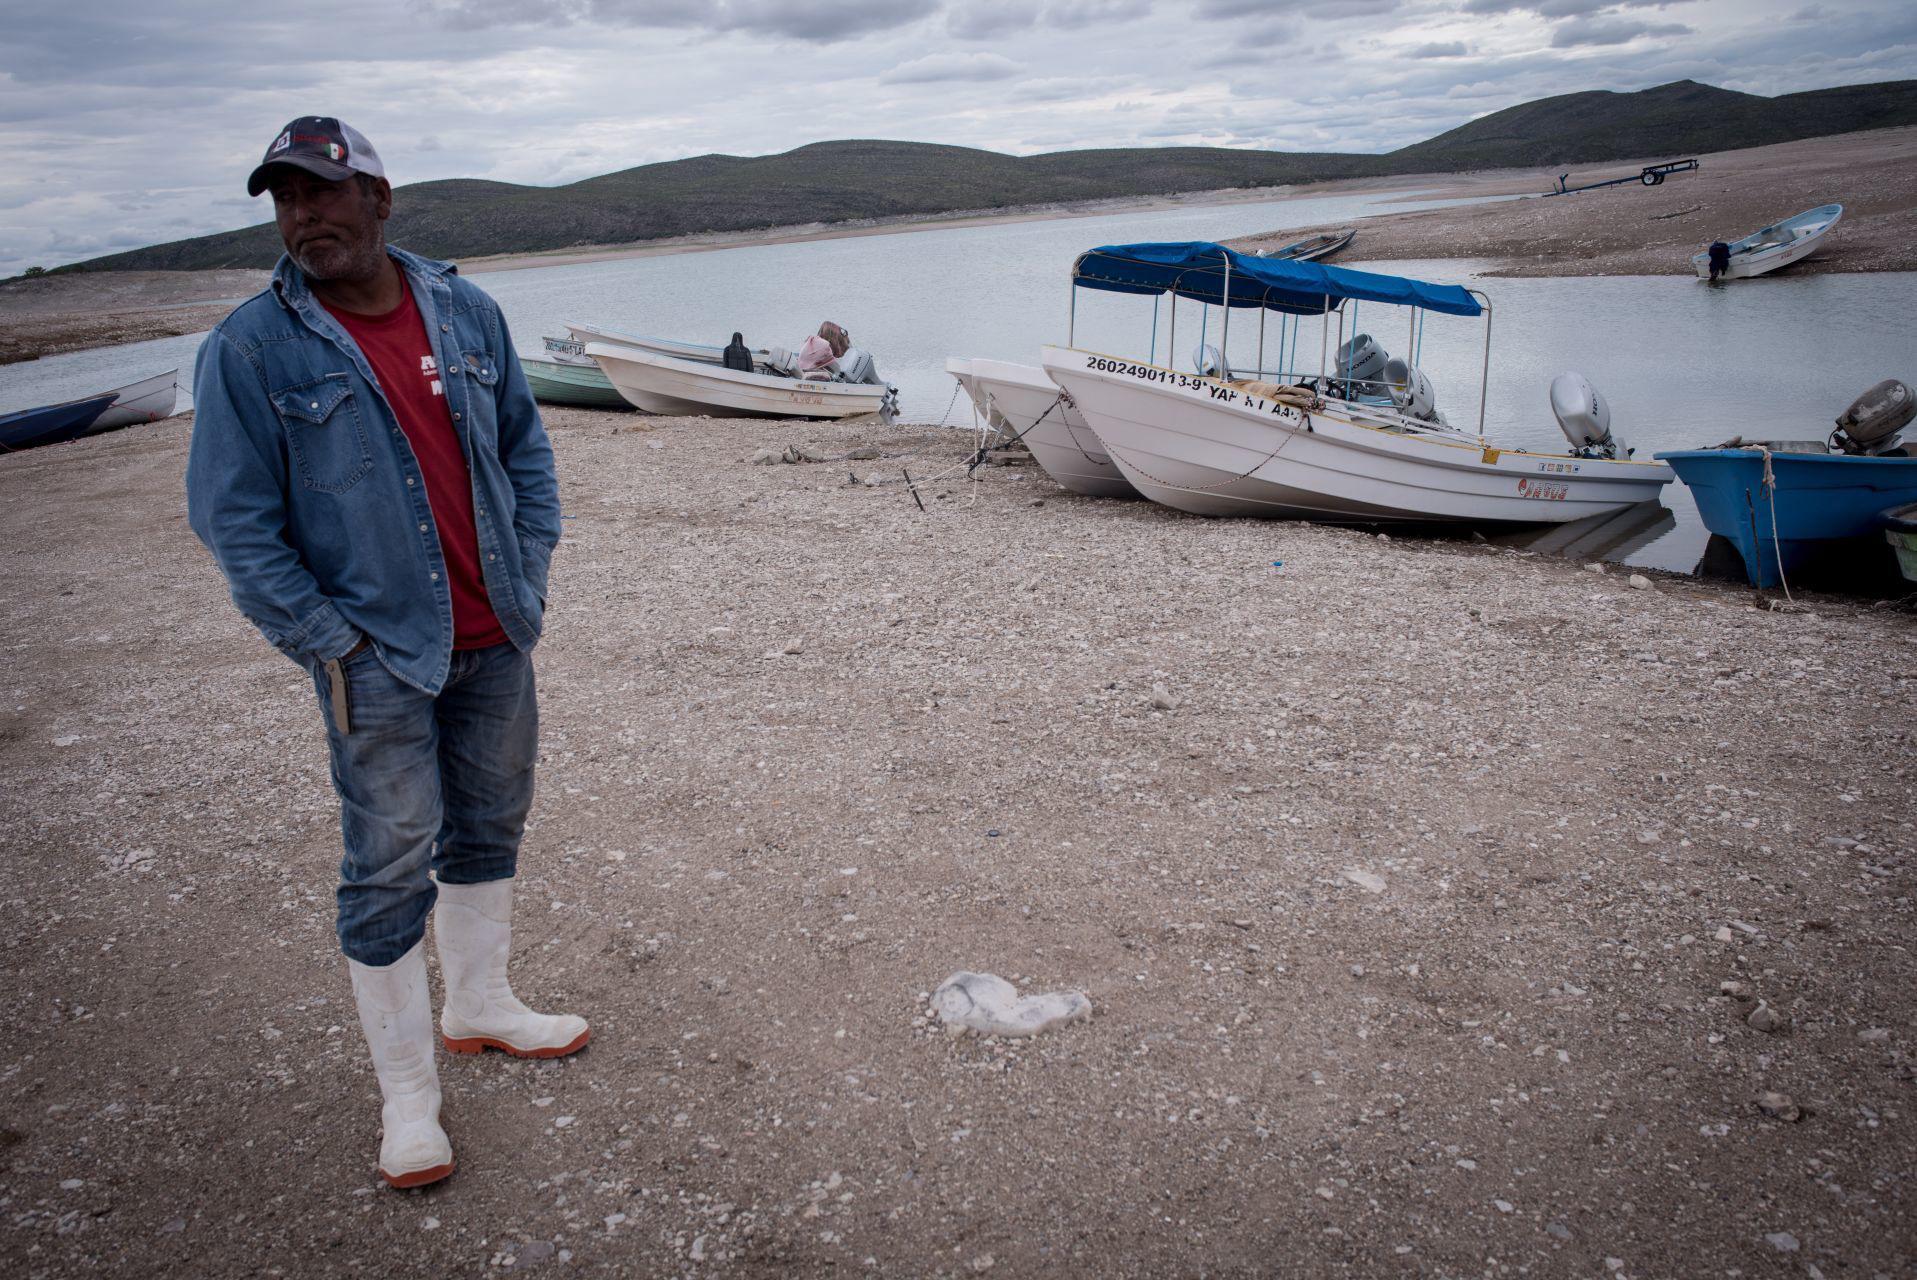 Velador de la presa platica sobre la problemática del agua y la pesca. San Francisco de Conchos, Chihuahua, México. El 18 de septiembre de 2020.